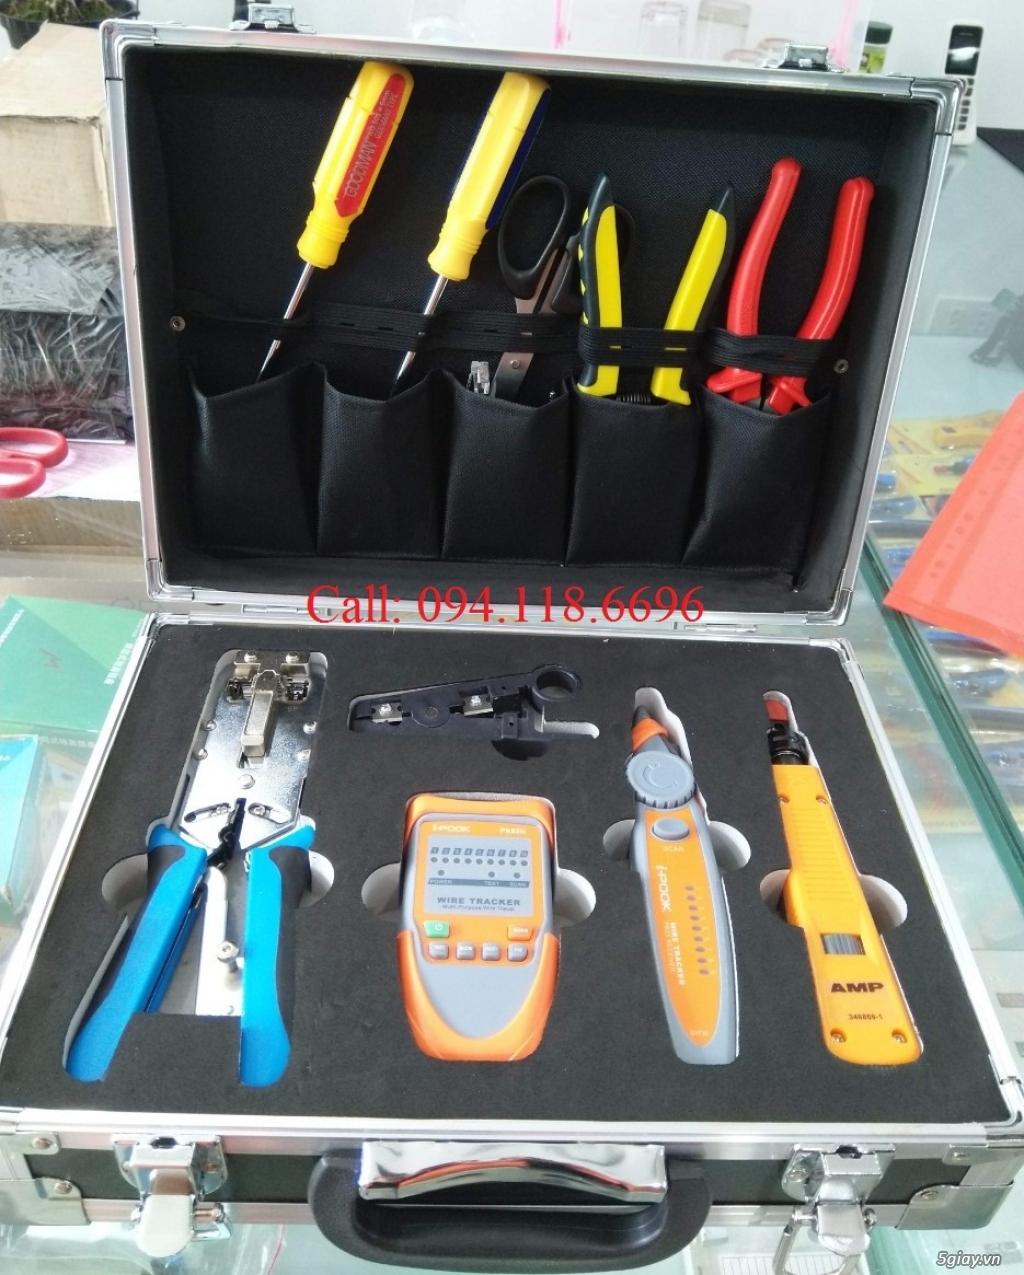 Bộ dụng cụ làm mạng TE-NetLink K-507 - 4